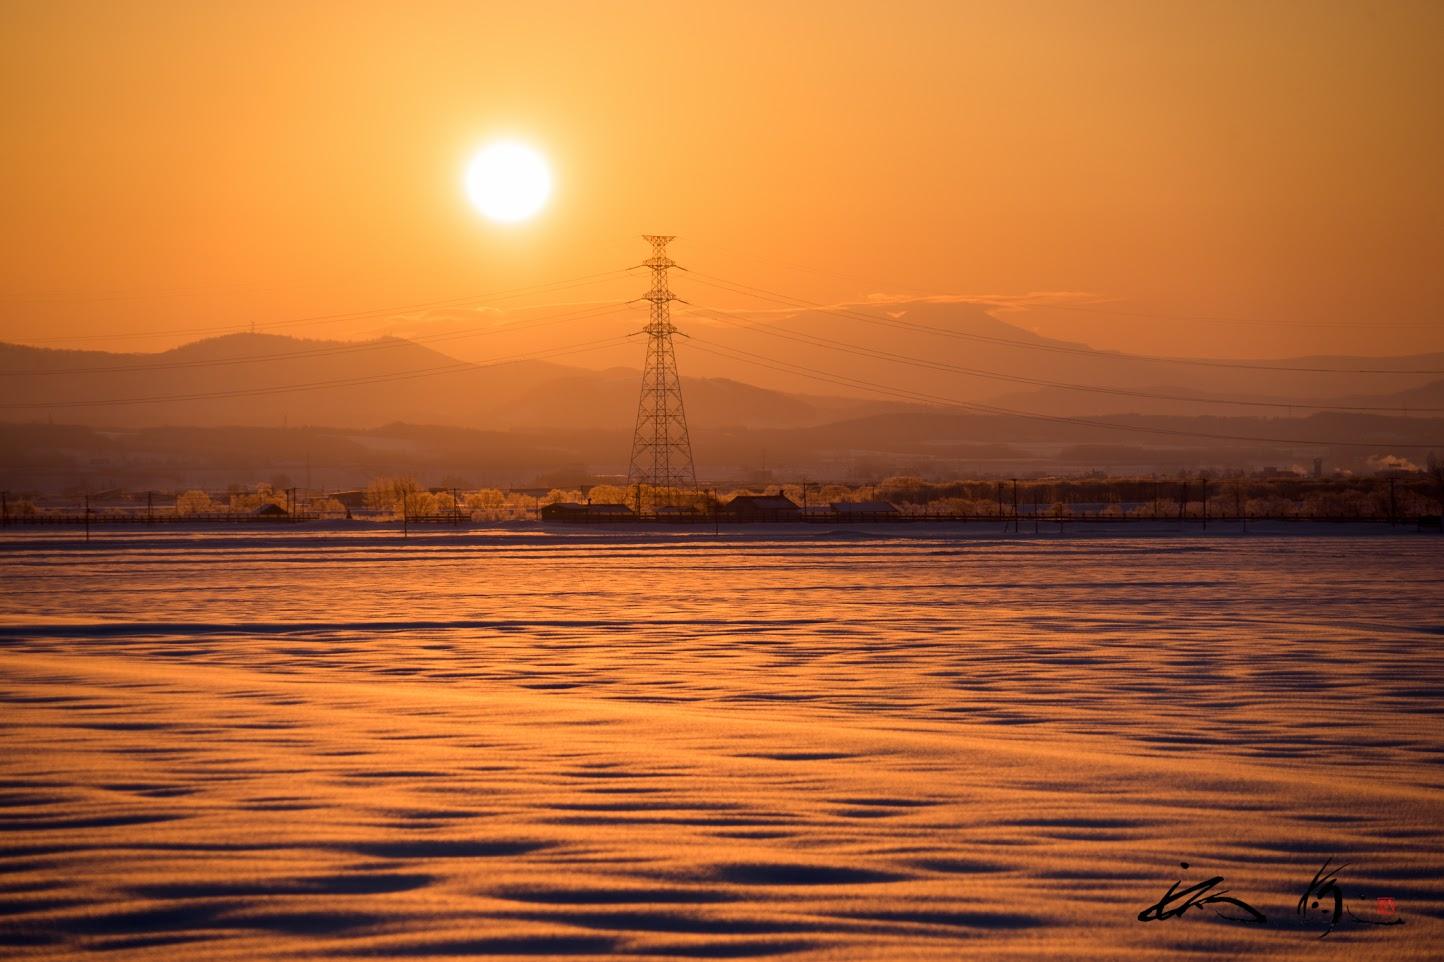 オレンジ色に染まる雪の海原